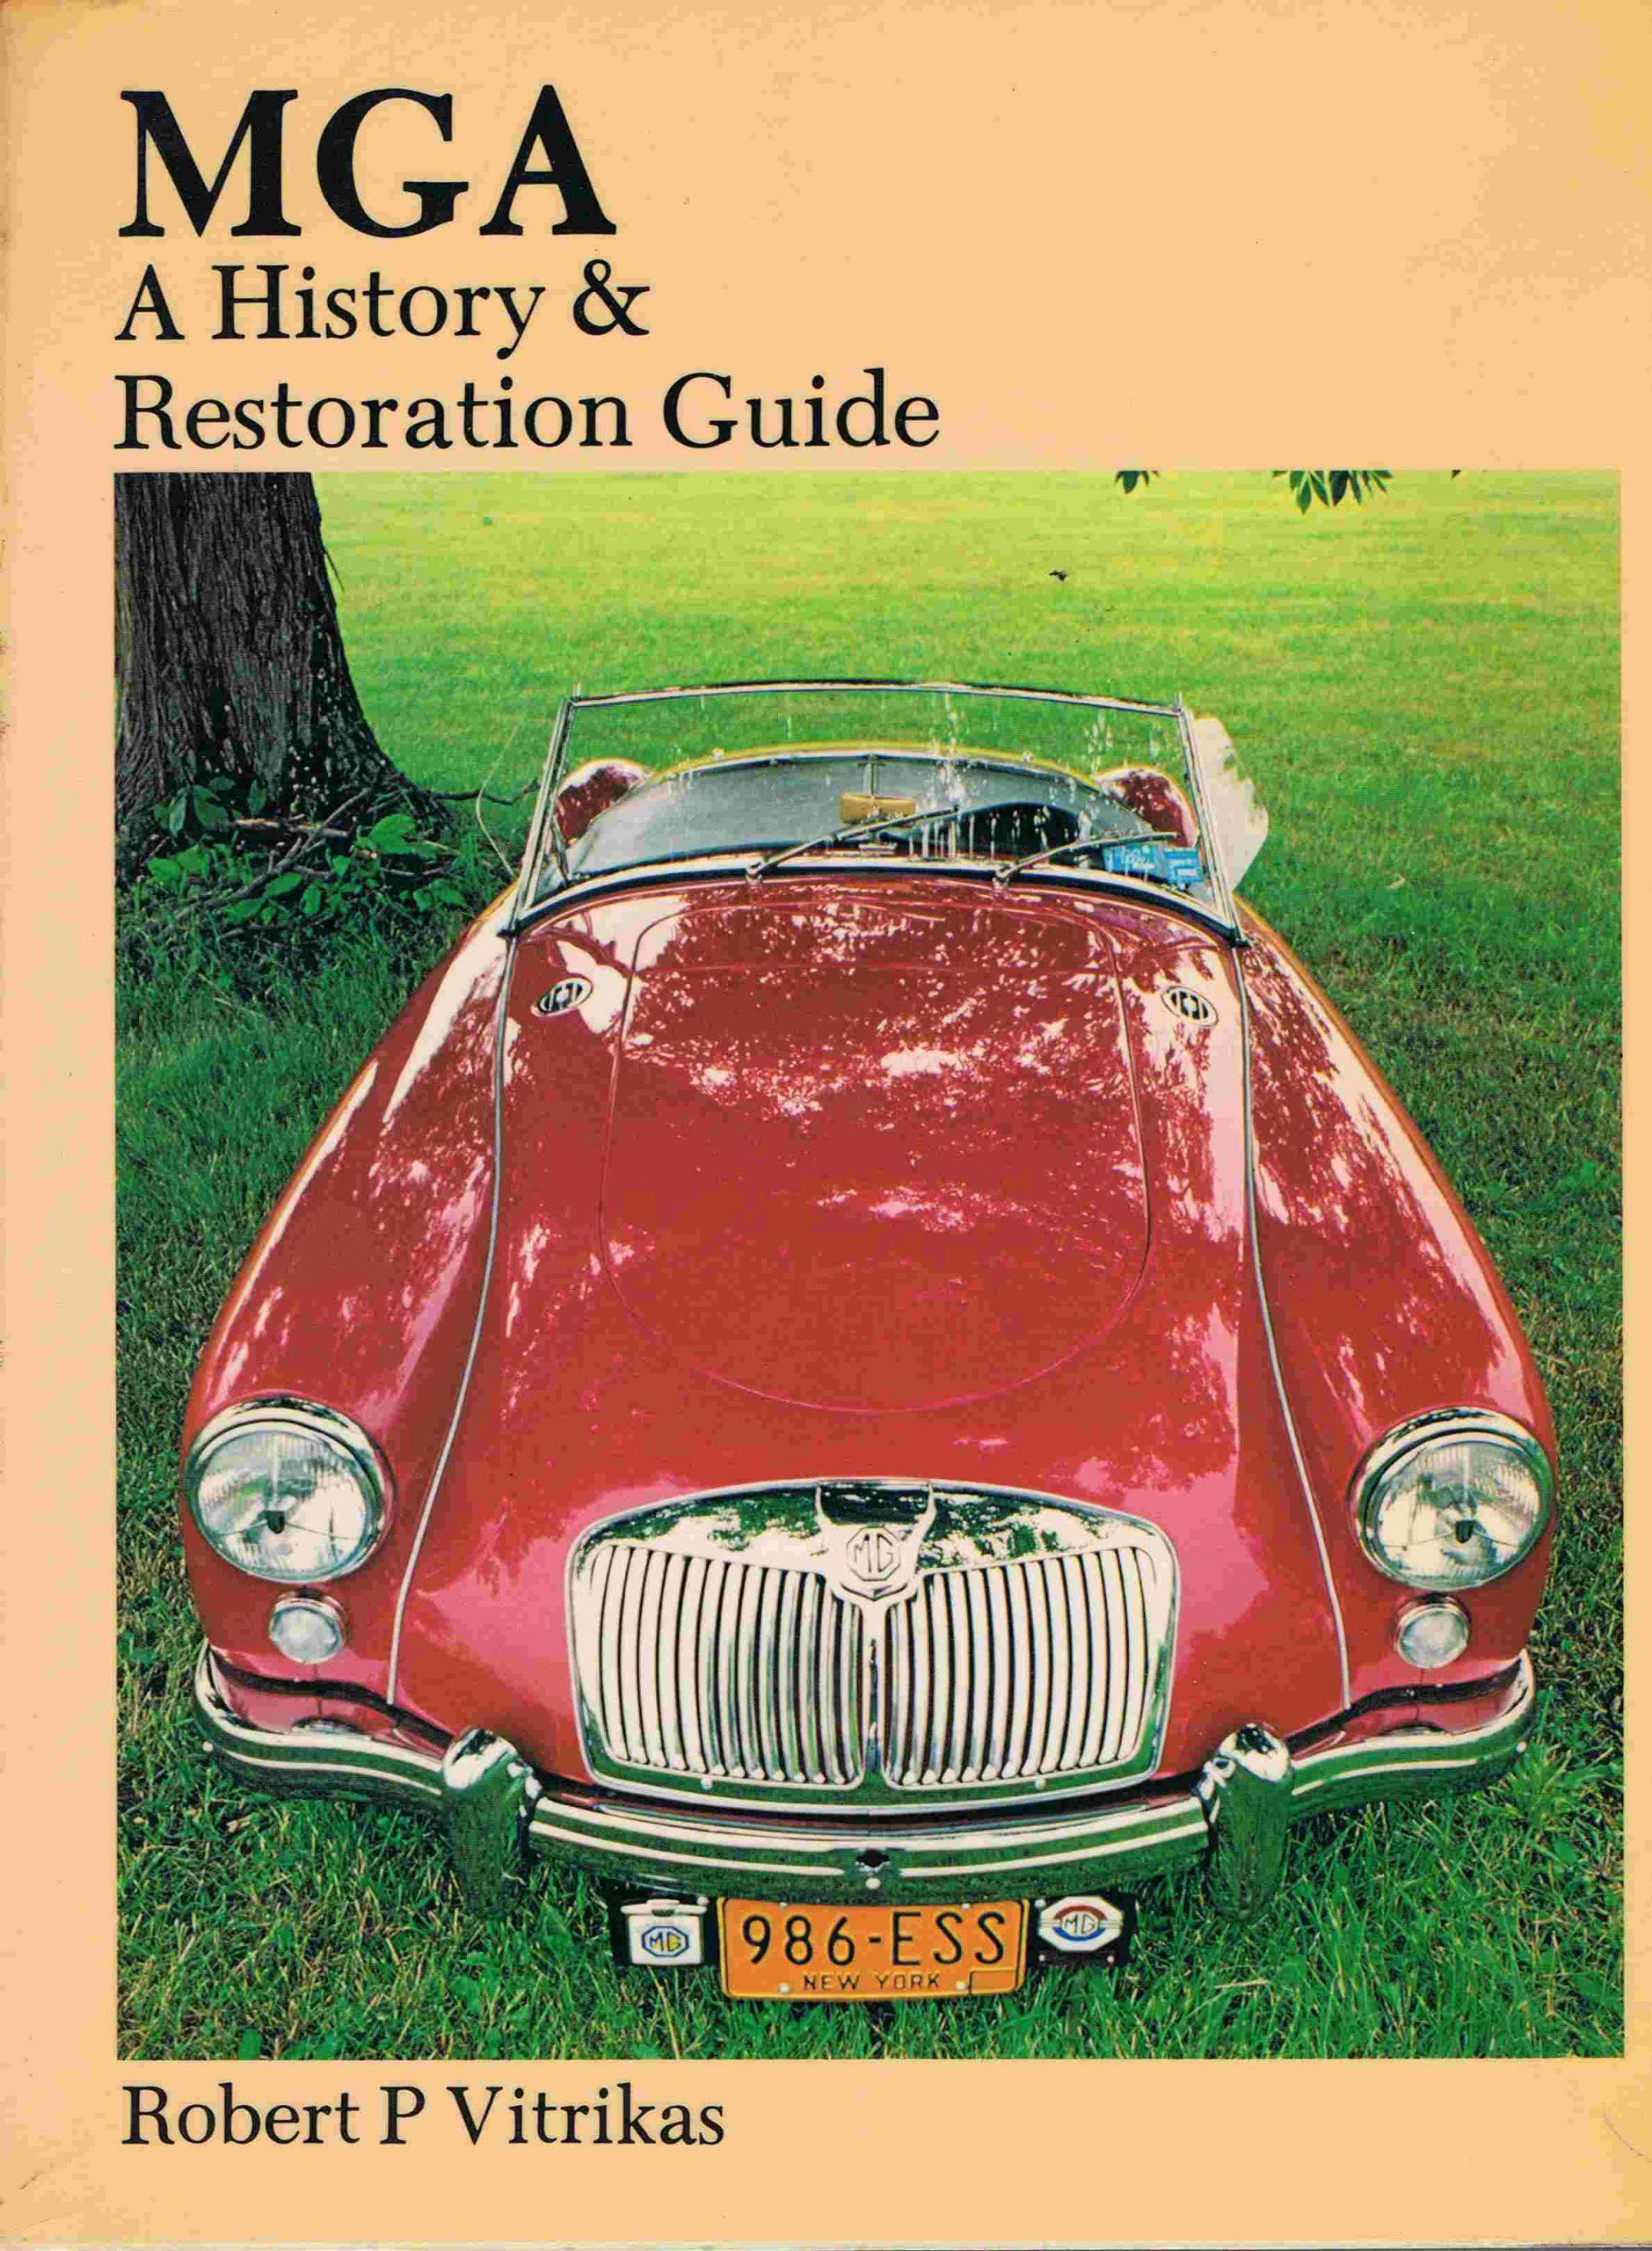 MGA A History & Restoration Guide